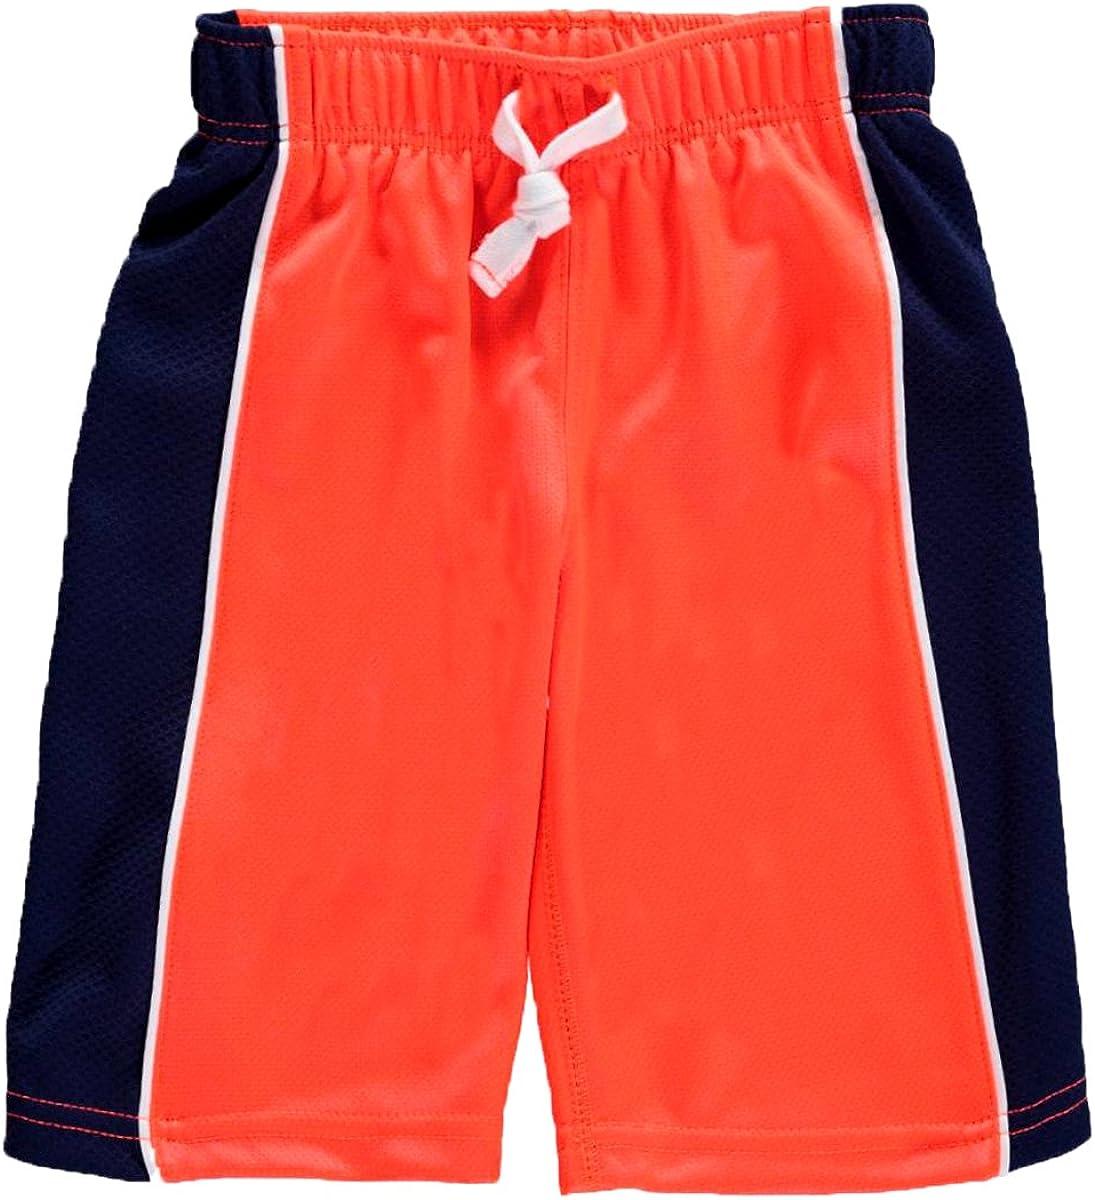 Carter's Little Boys Mesh Shorts Orange